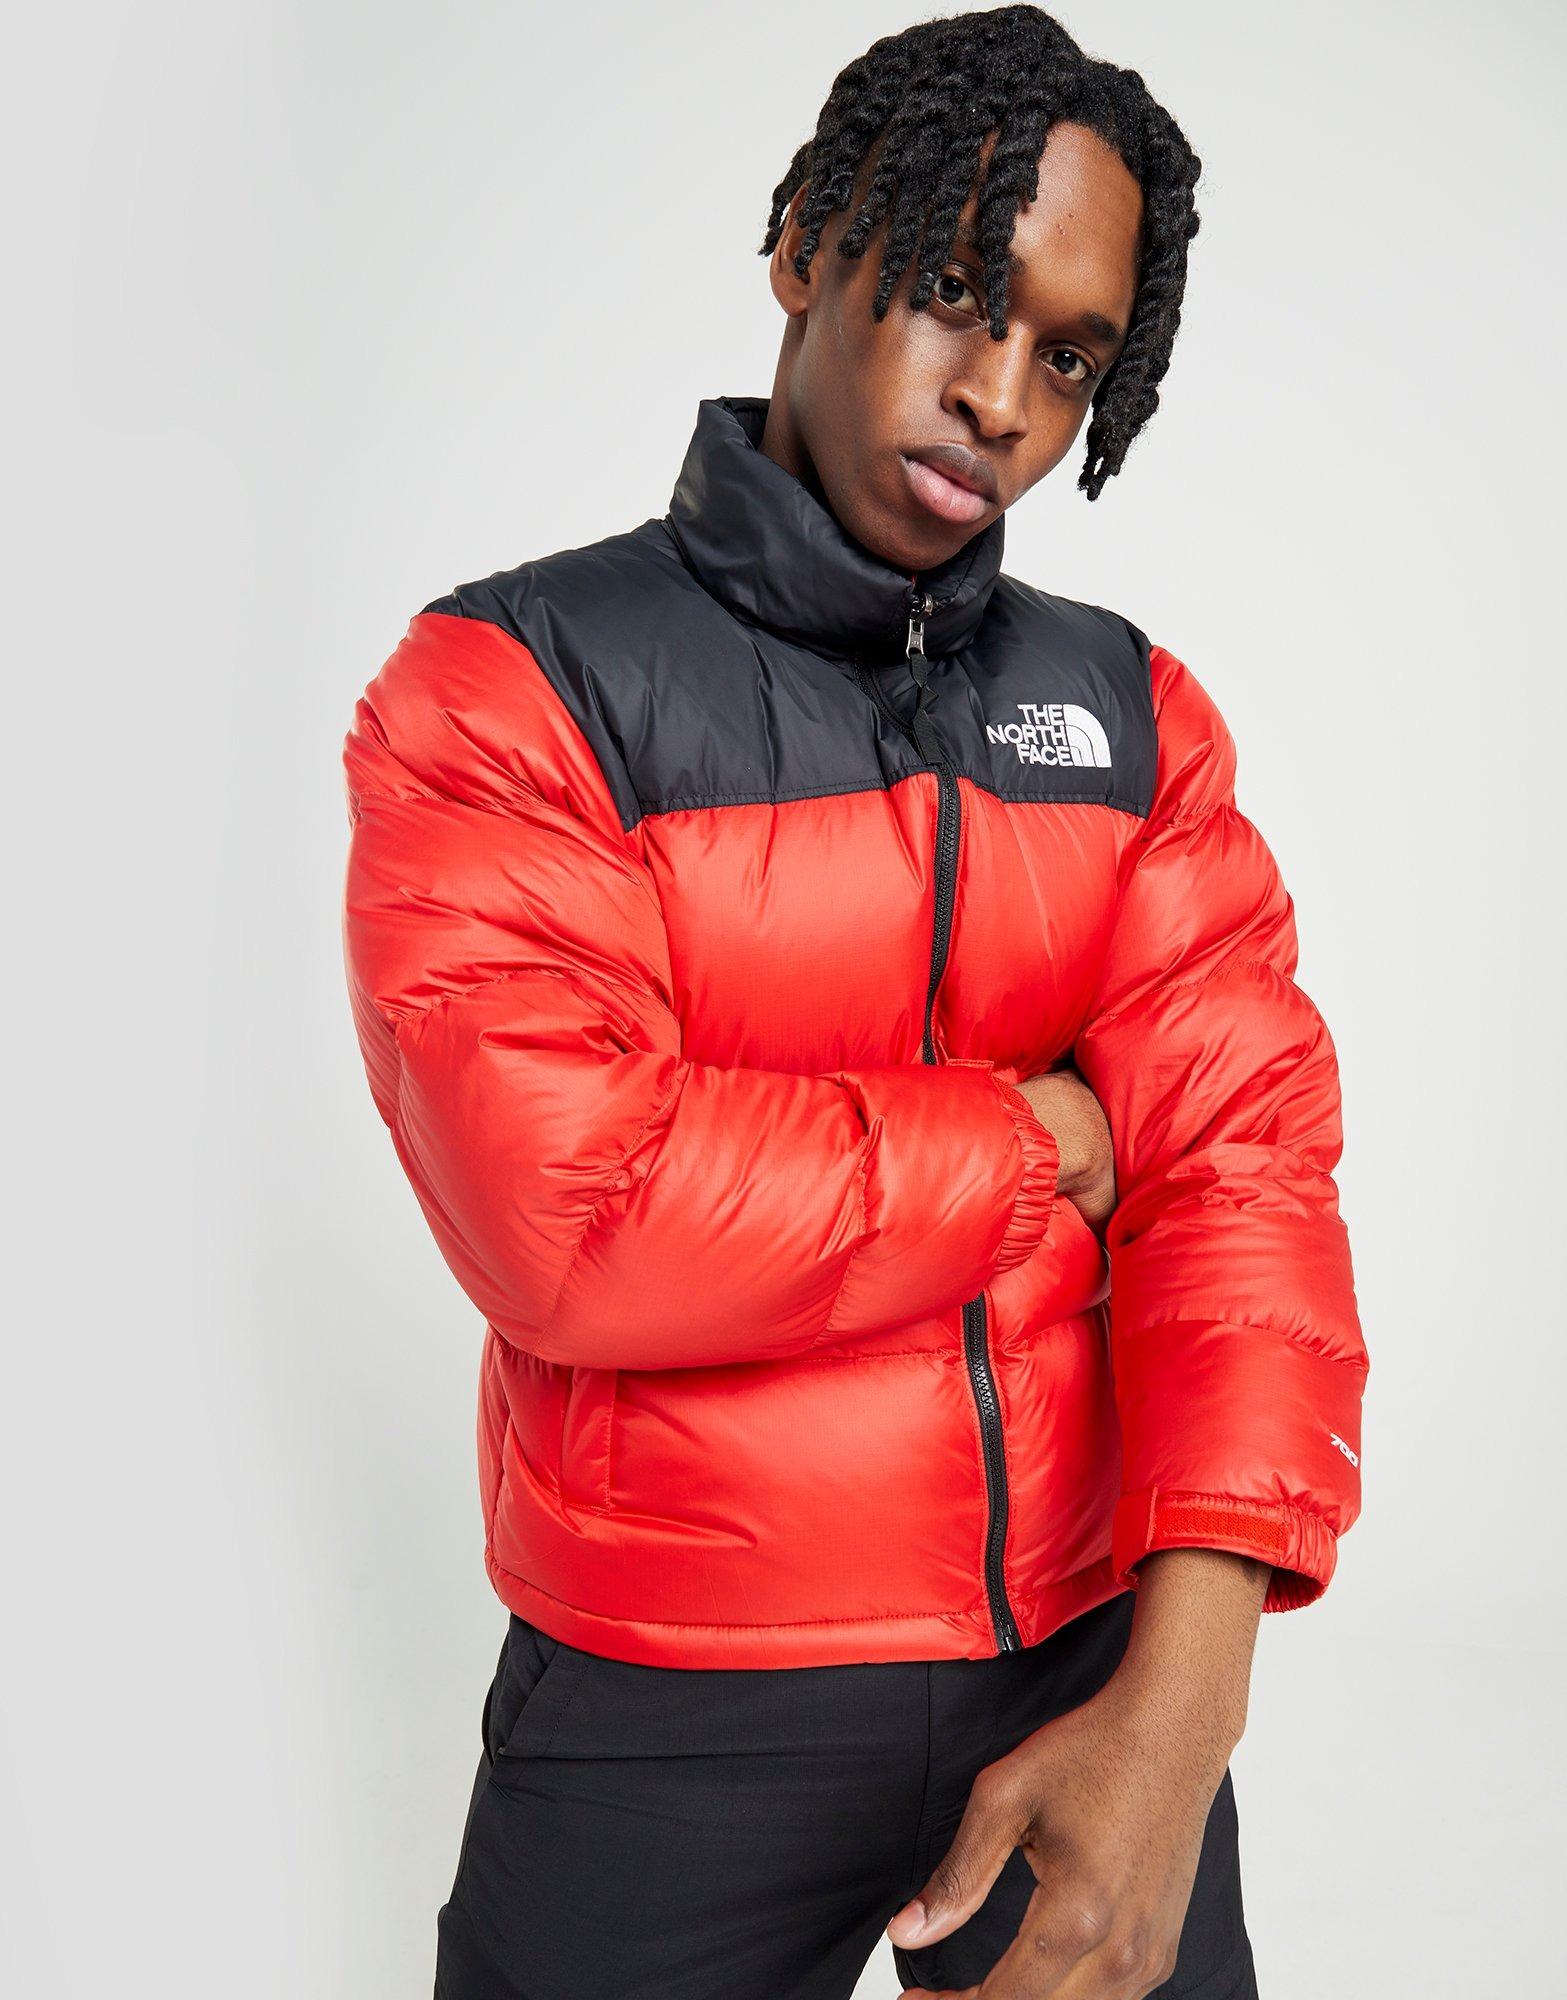 457 Best Men Lightweight Jackets images | Lightweight jacket